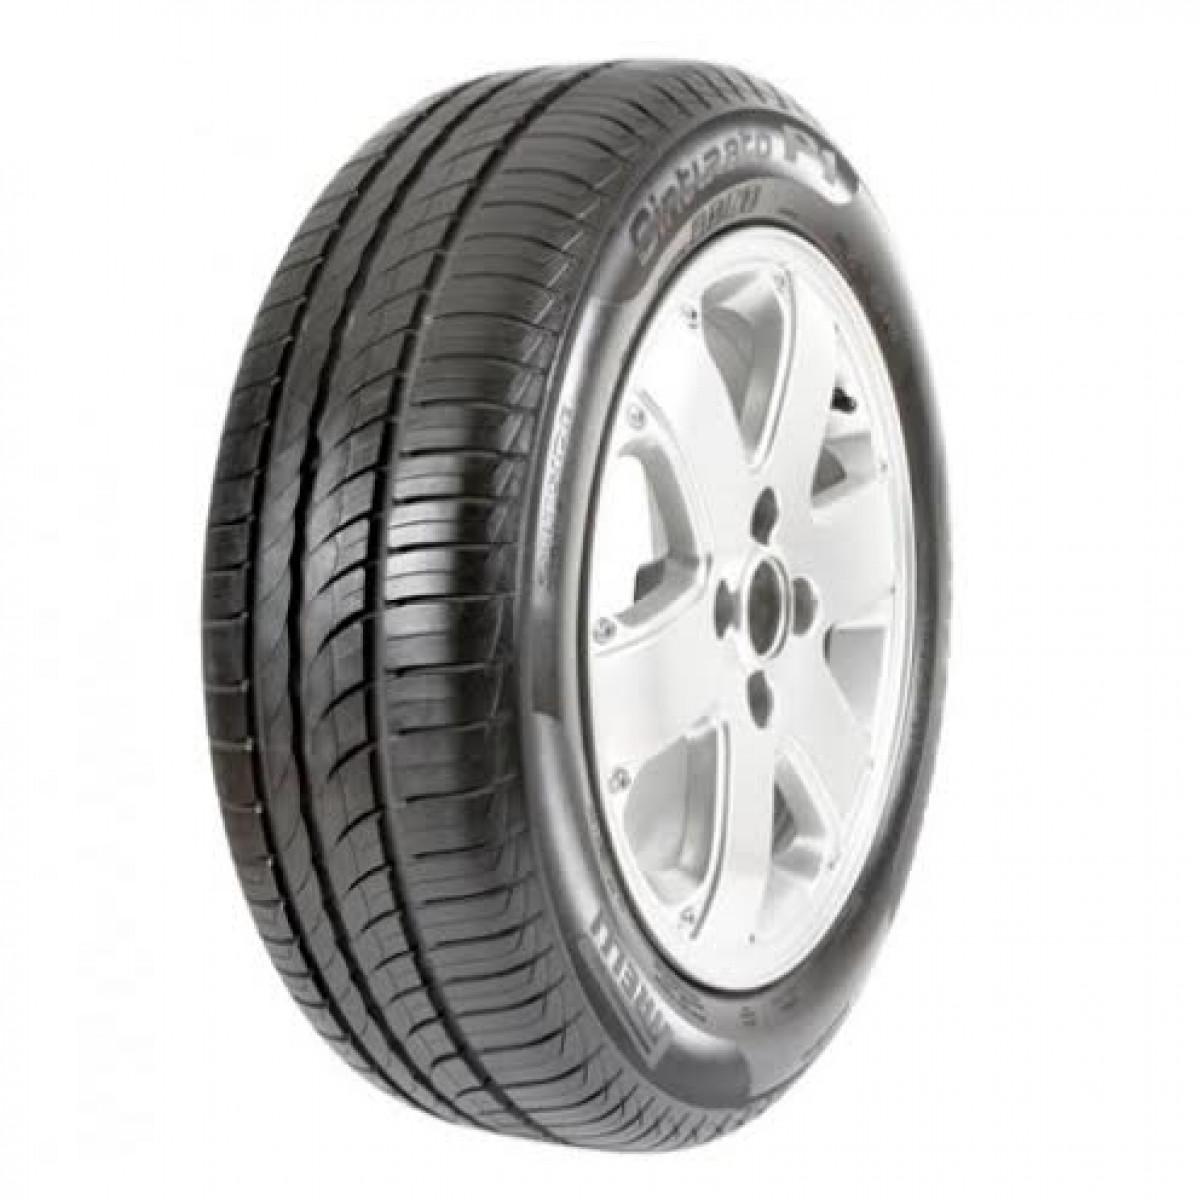 madrugada pneus pirelli cinturato p1. Black Bedroom Furniture Sets. Home Design Ideas